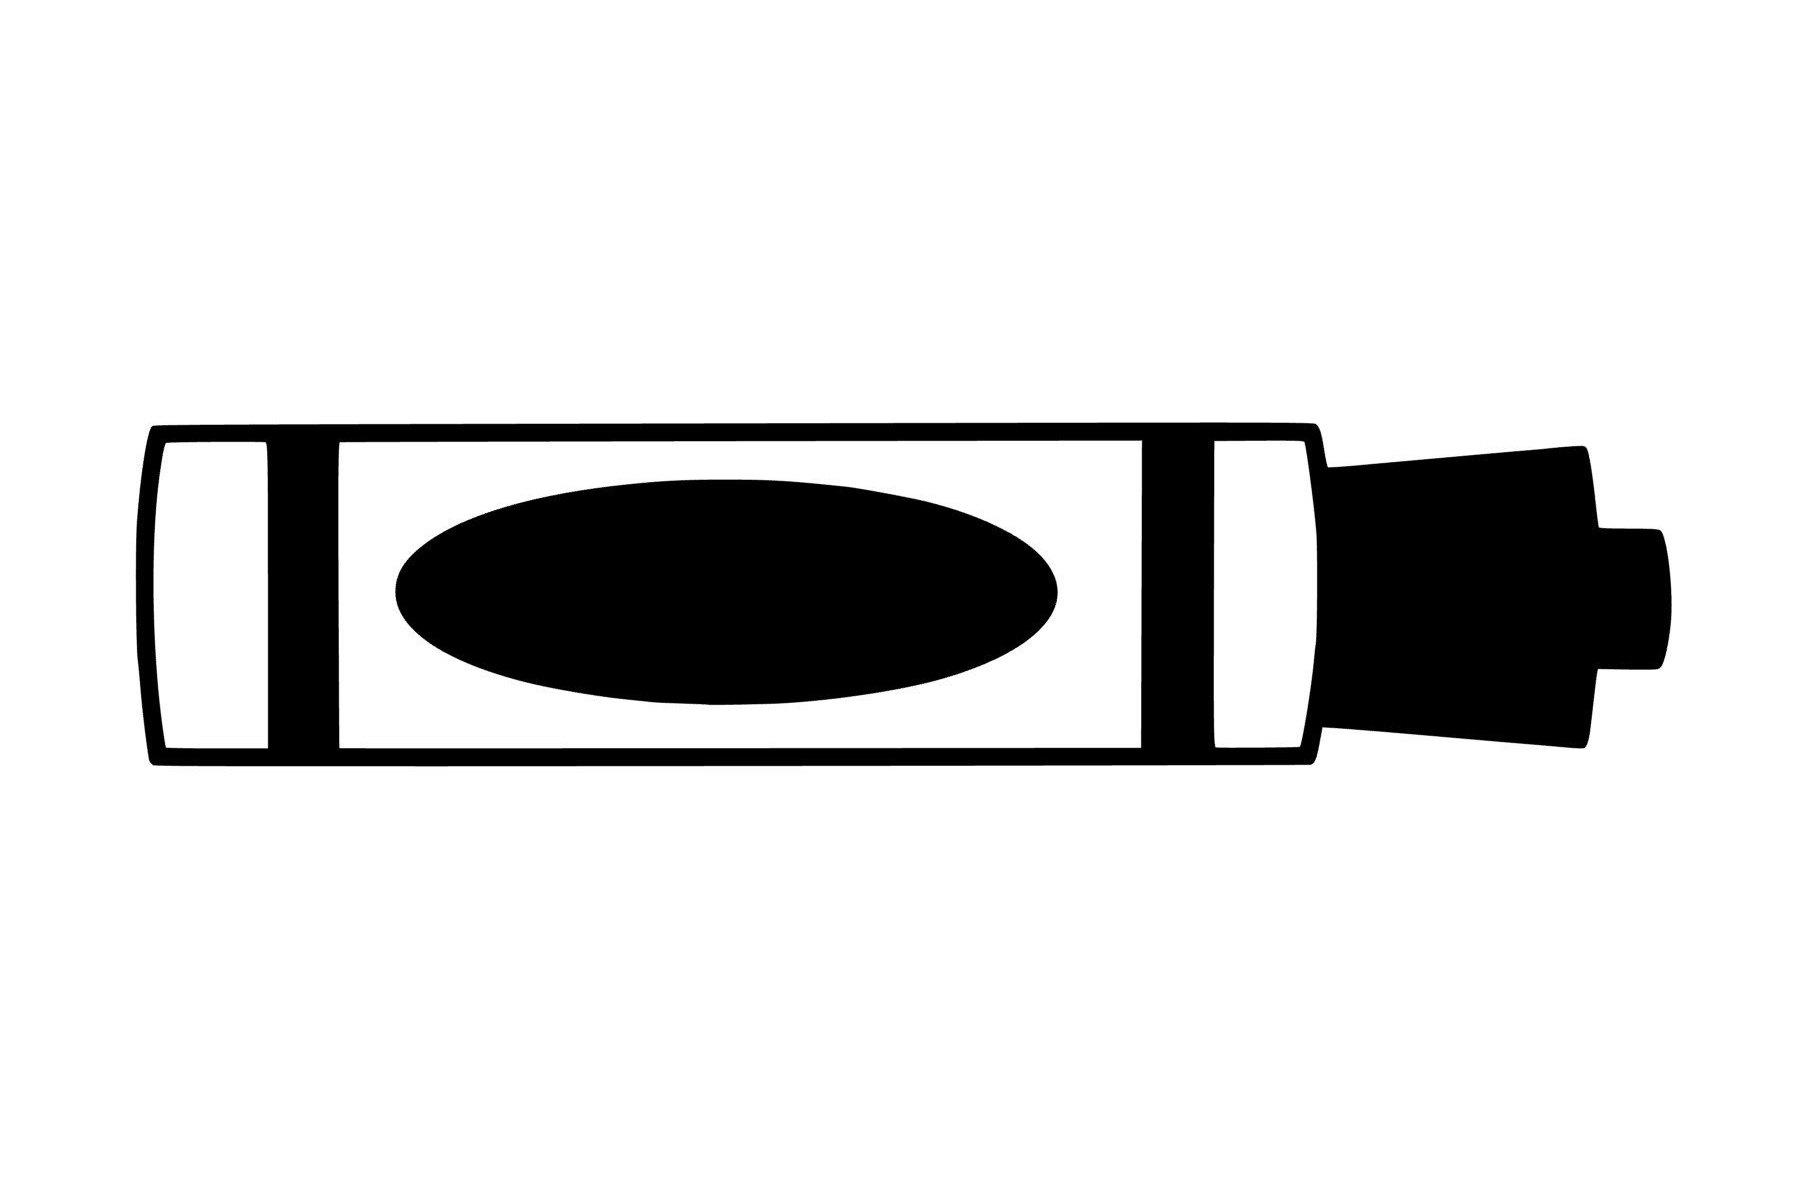 Marker clipart dry erase marker, Marker dry erase marker.